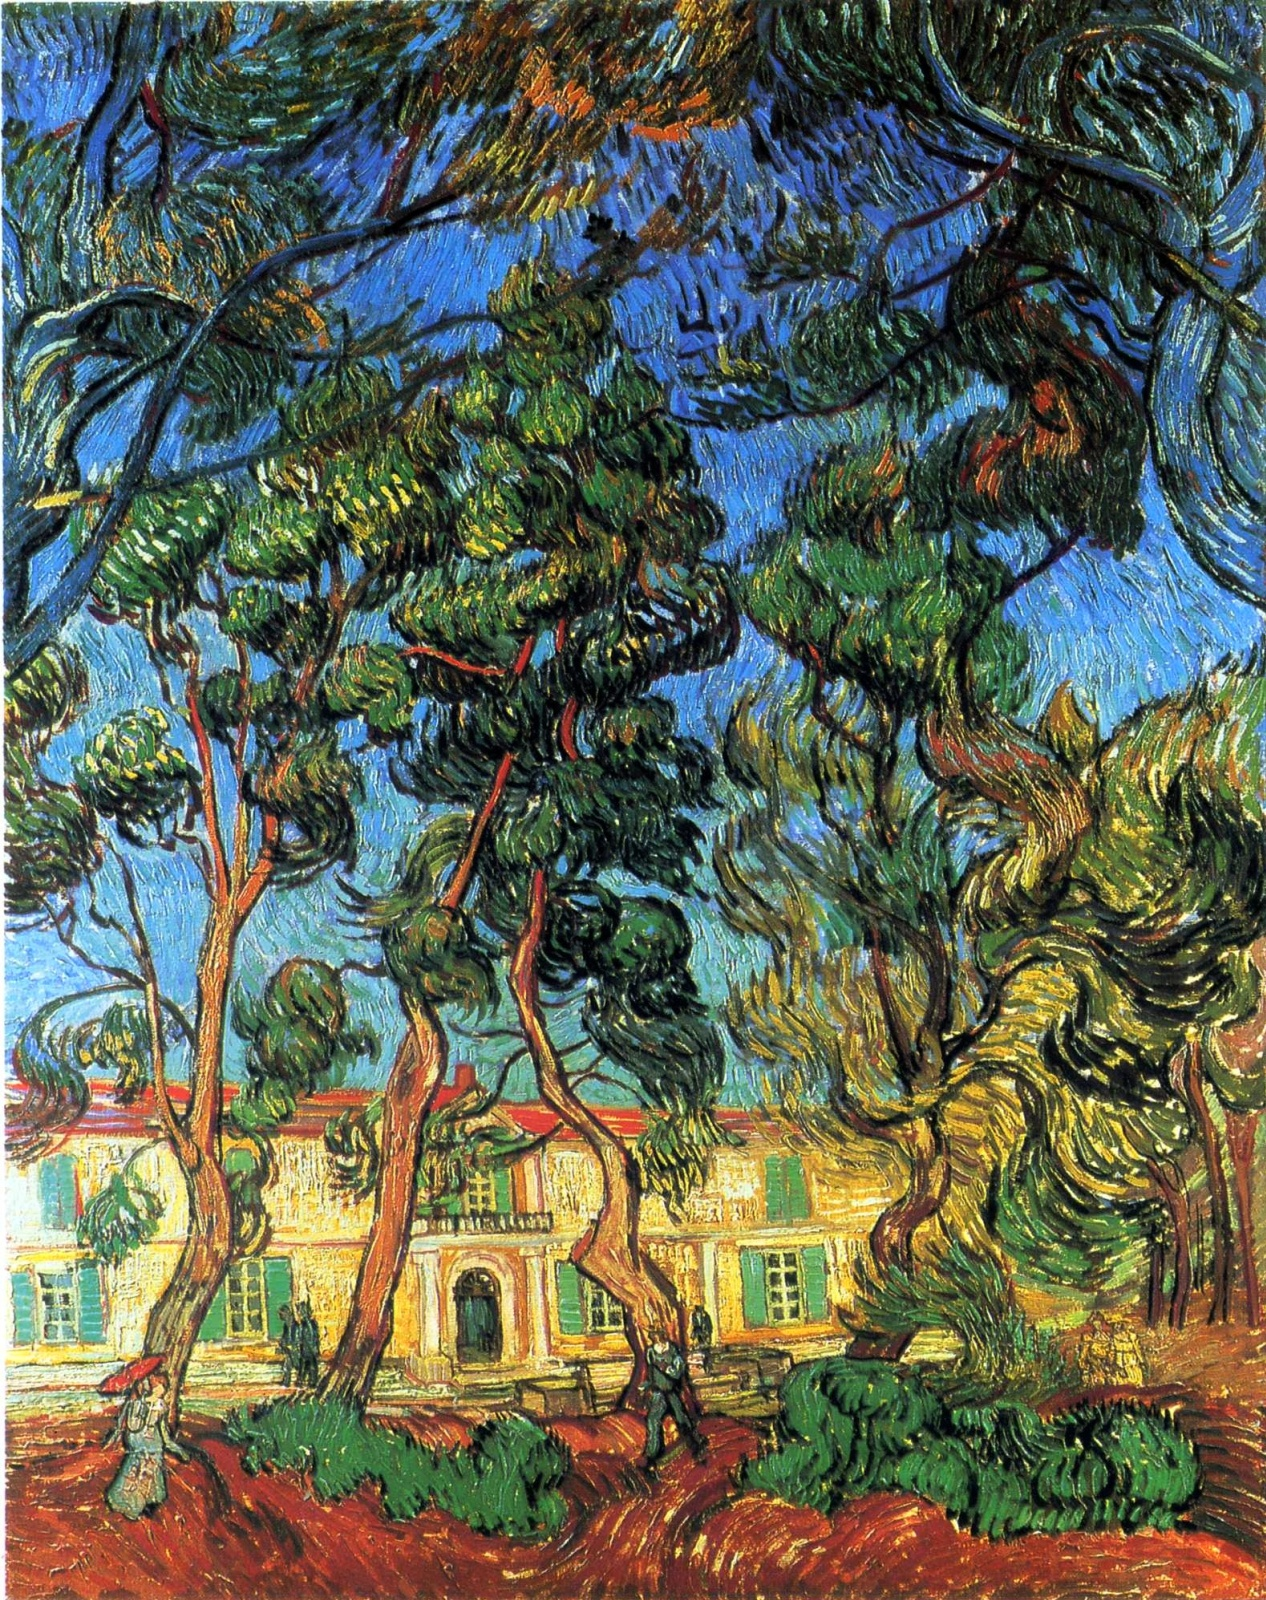 Угодья приюта [ картина - пейзаж ] :: Ван Гог, описание картины - Van Gogh фото